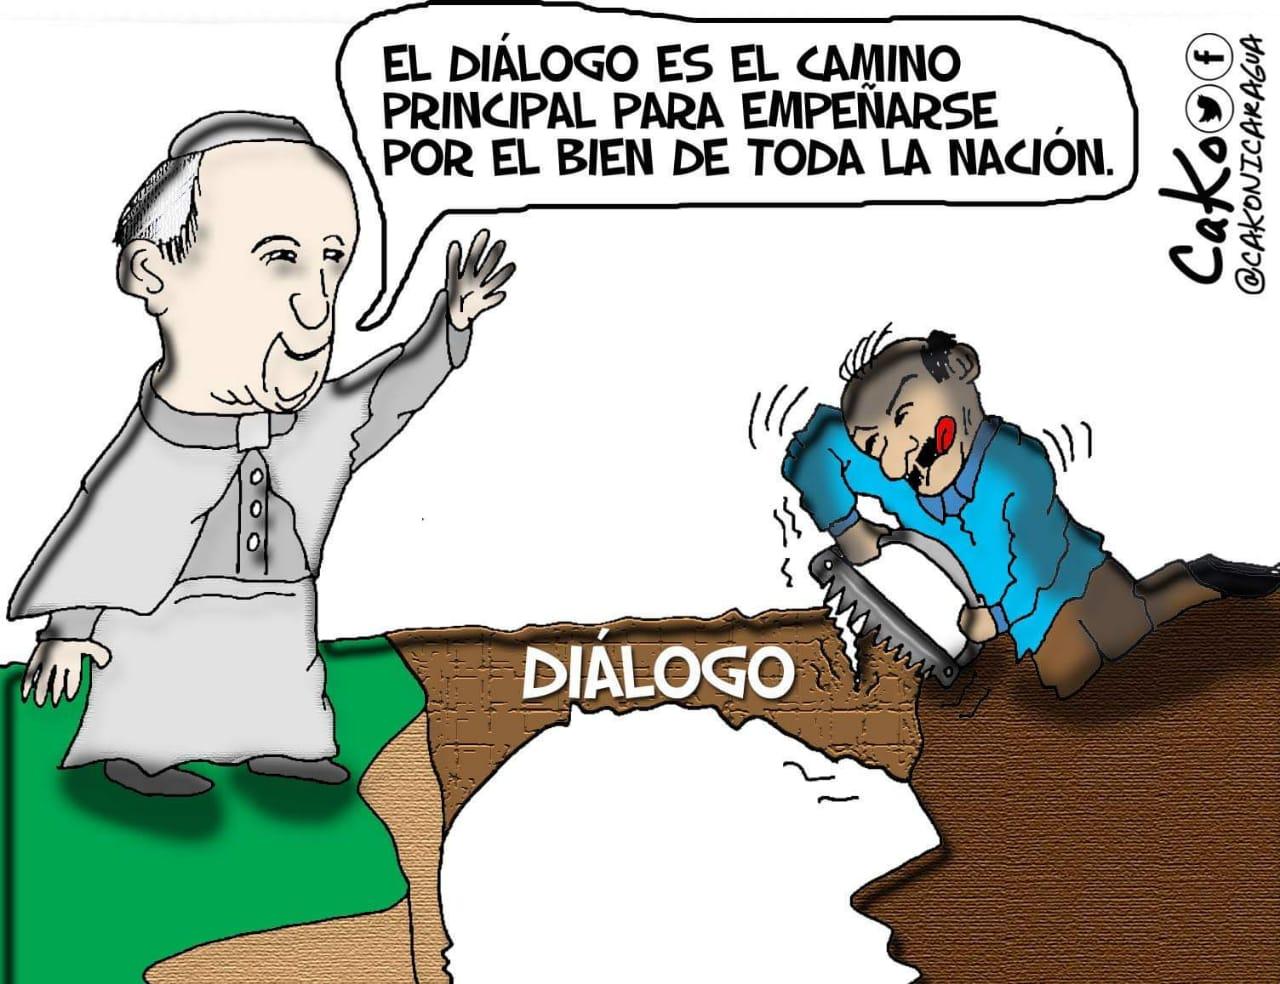 La Caricatura: El coma-andante serruchando el puente